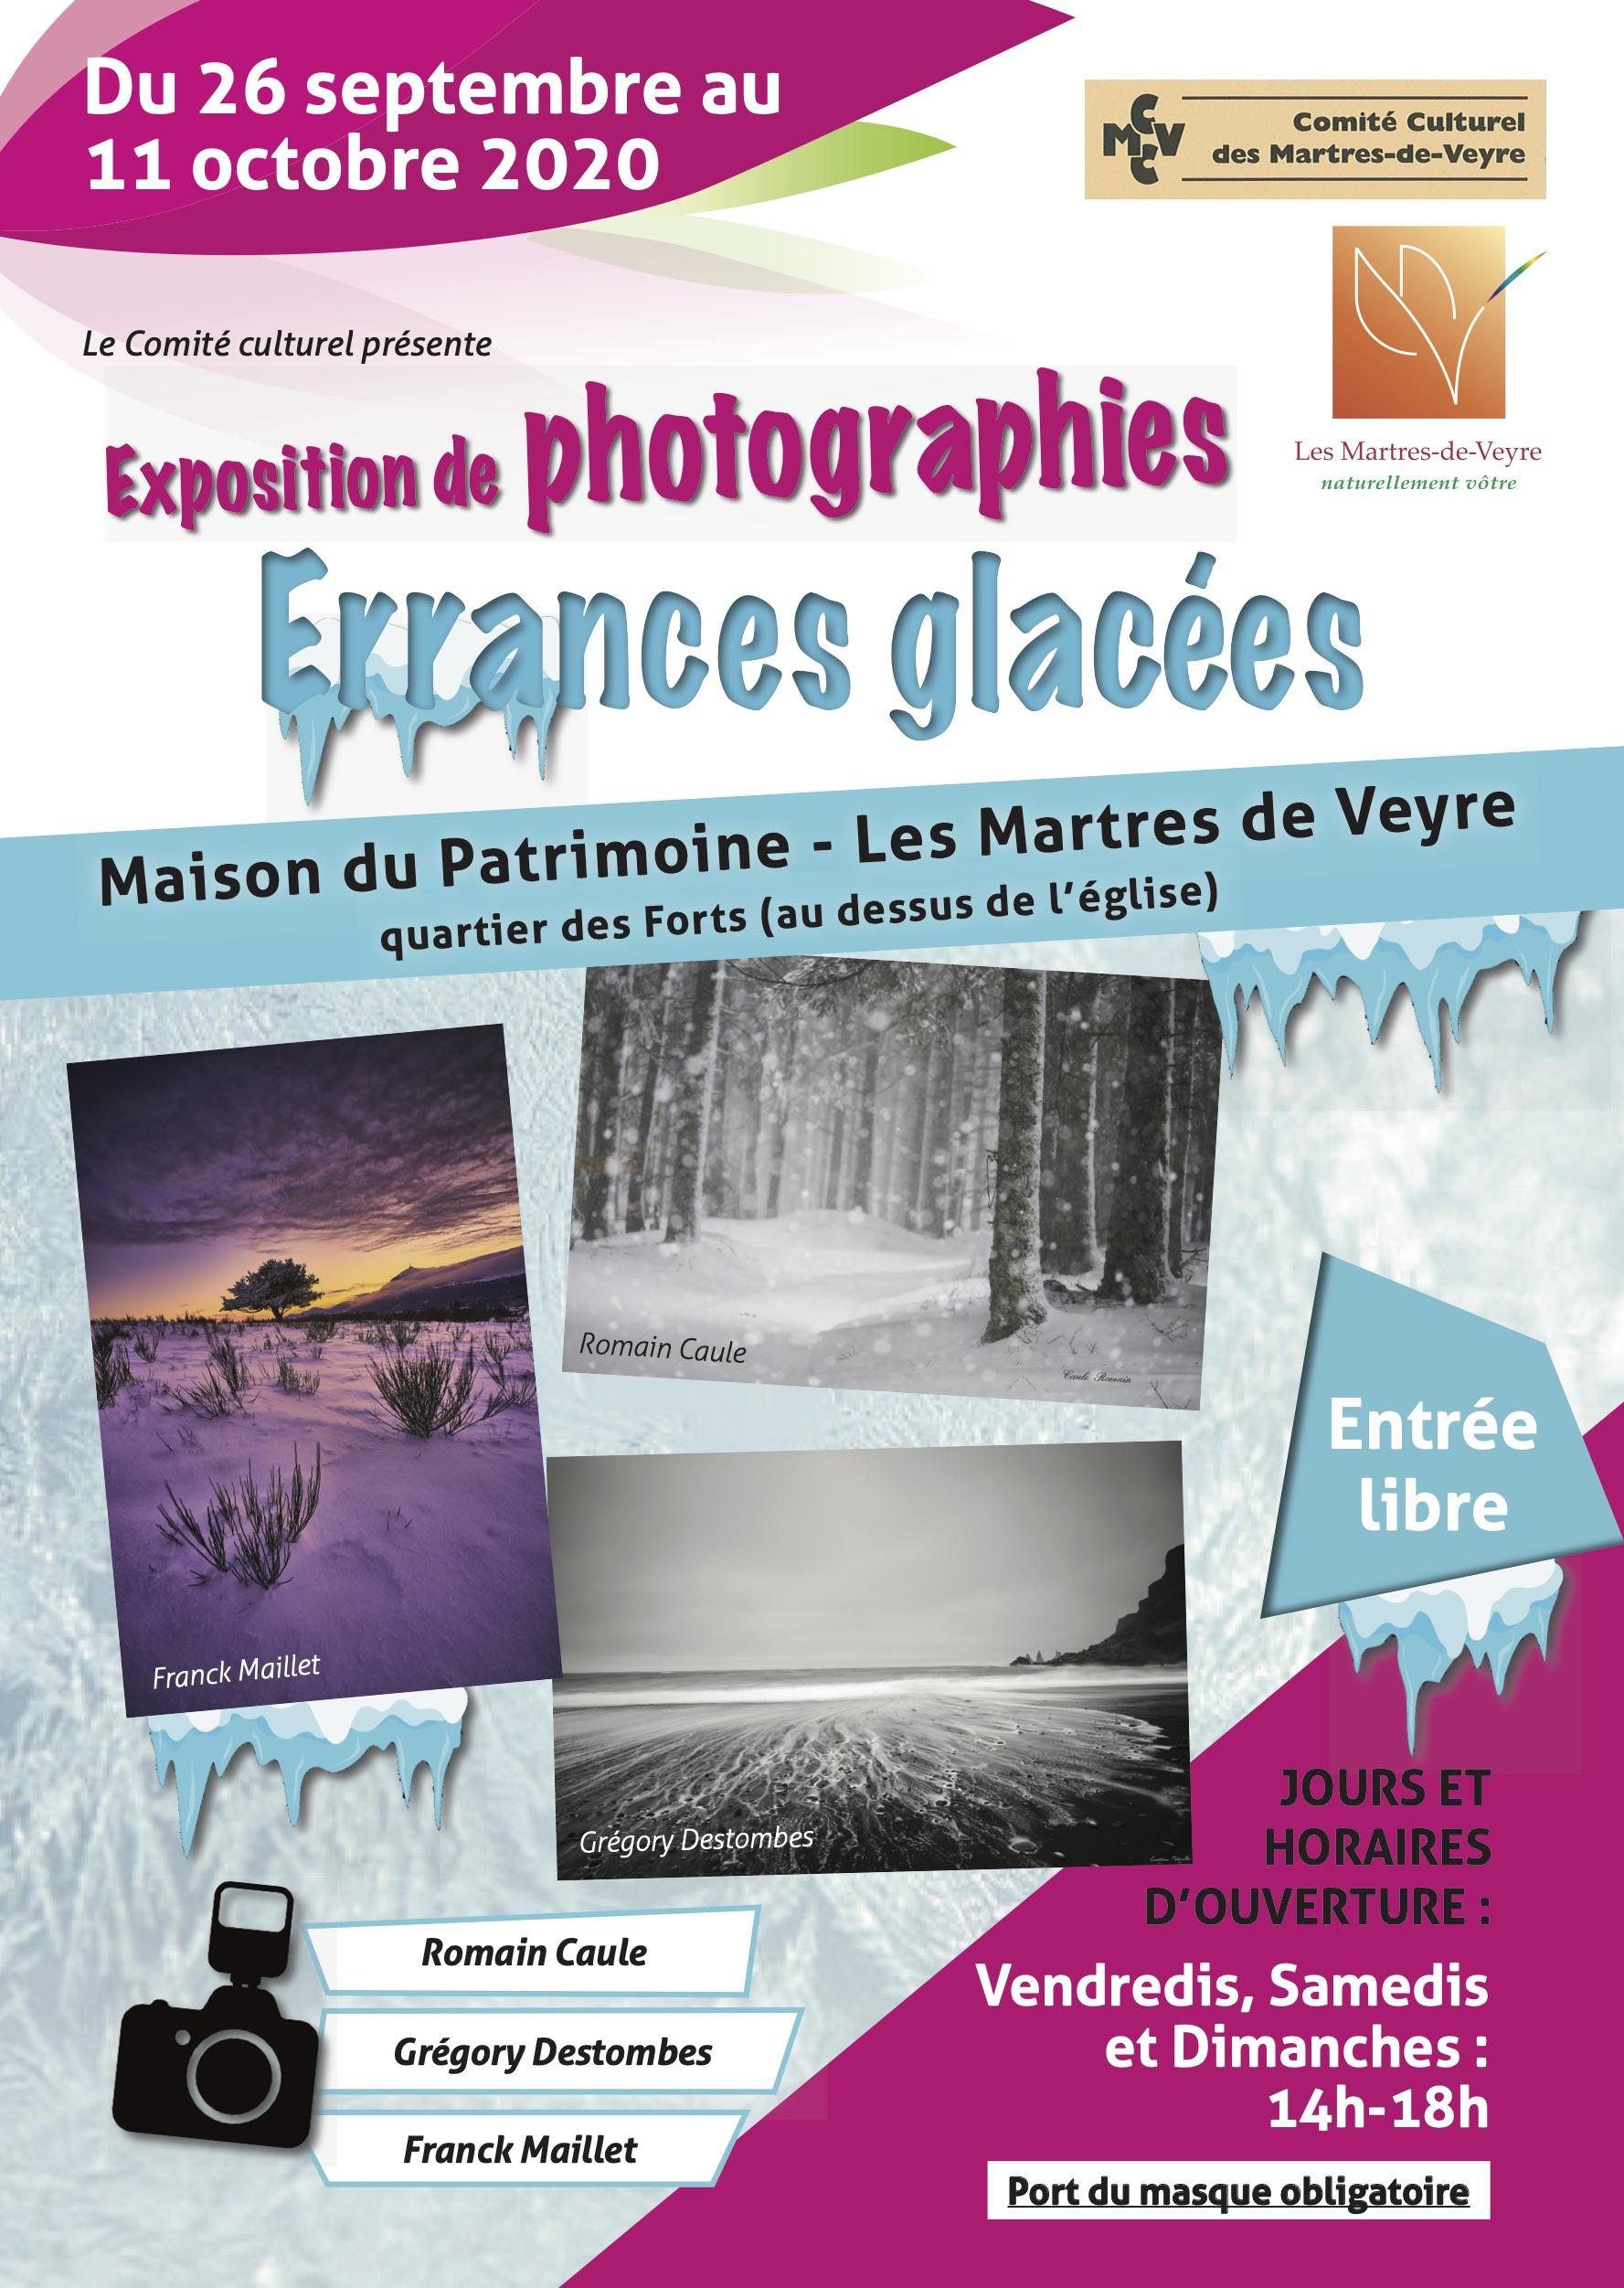 Affiche de l'Exposition Errances Glacées.